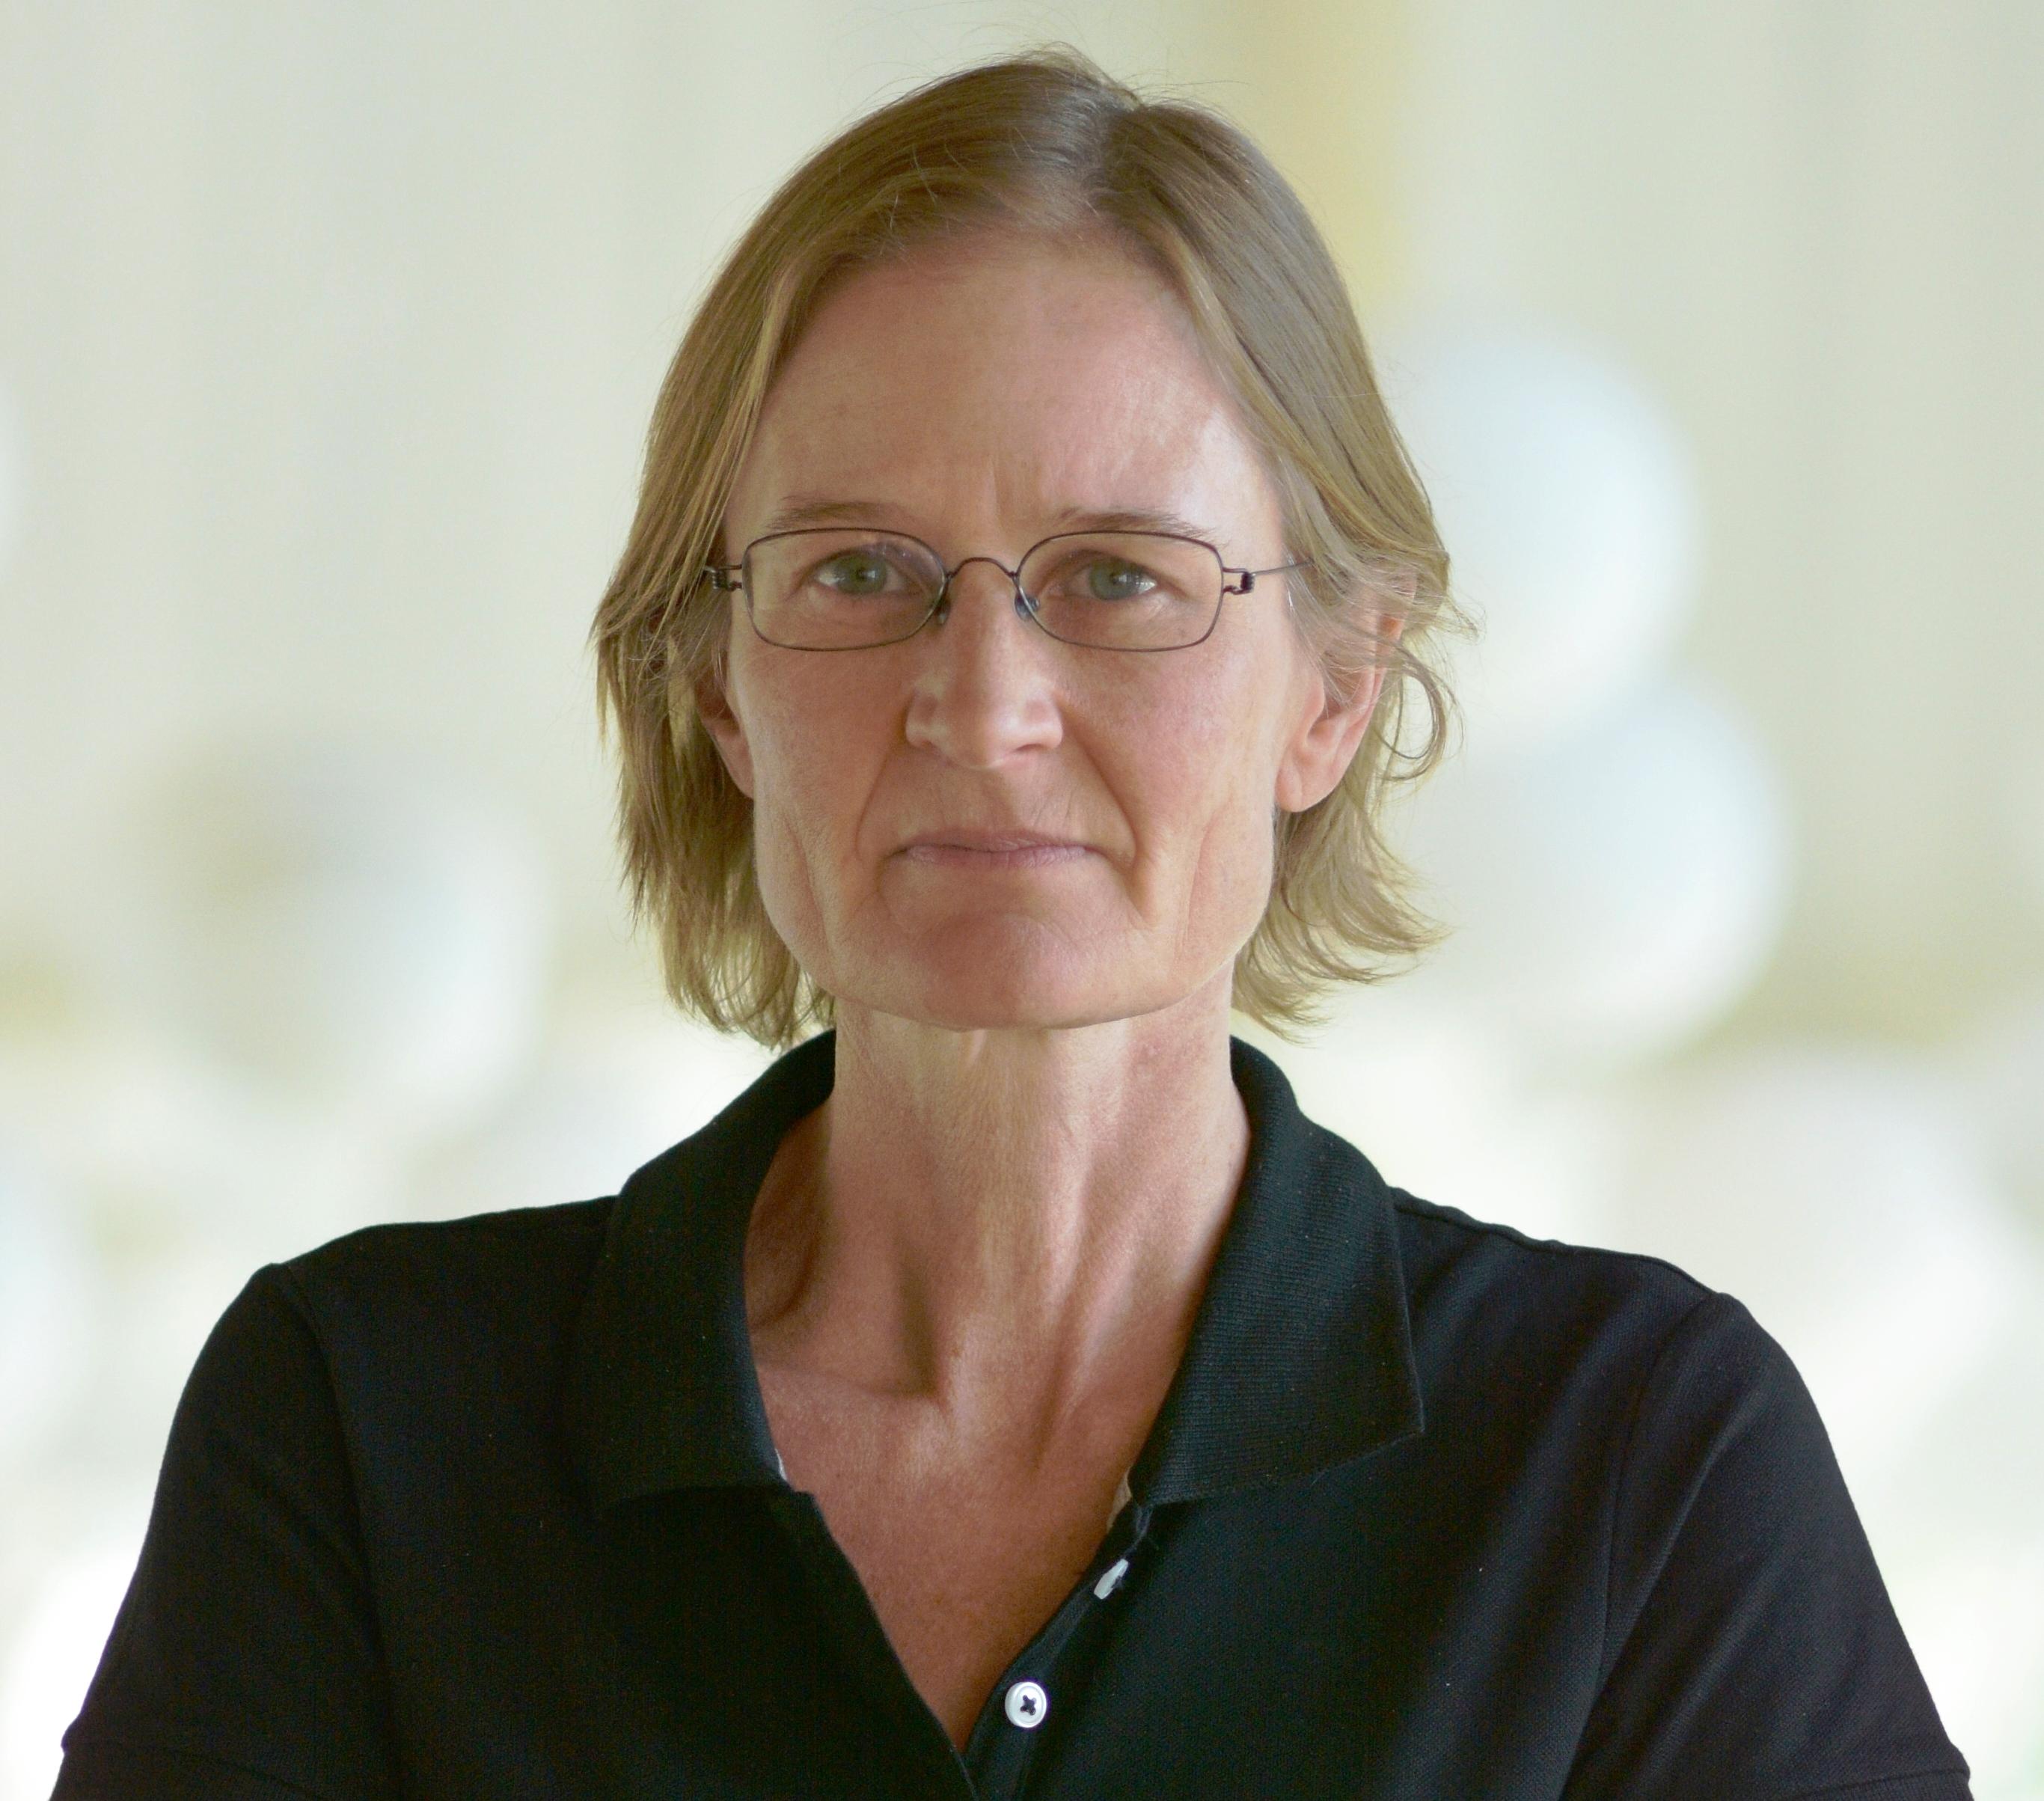 Mette Rosenkilde